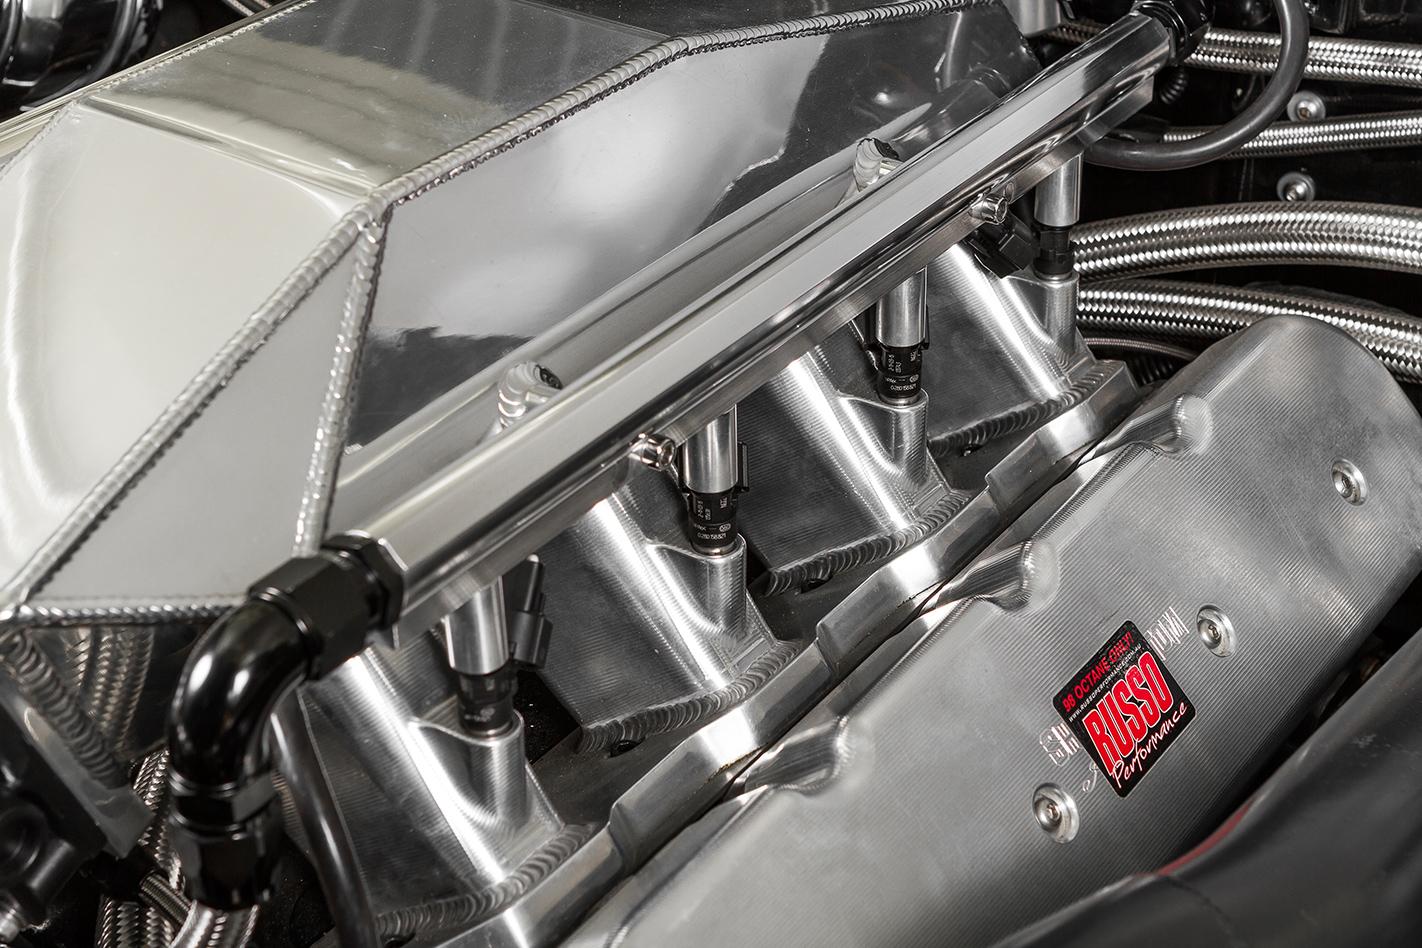 Holden -hk -monaro -engine -detail